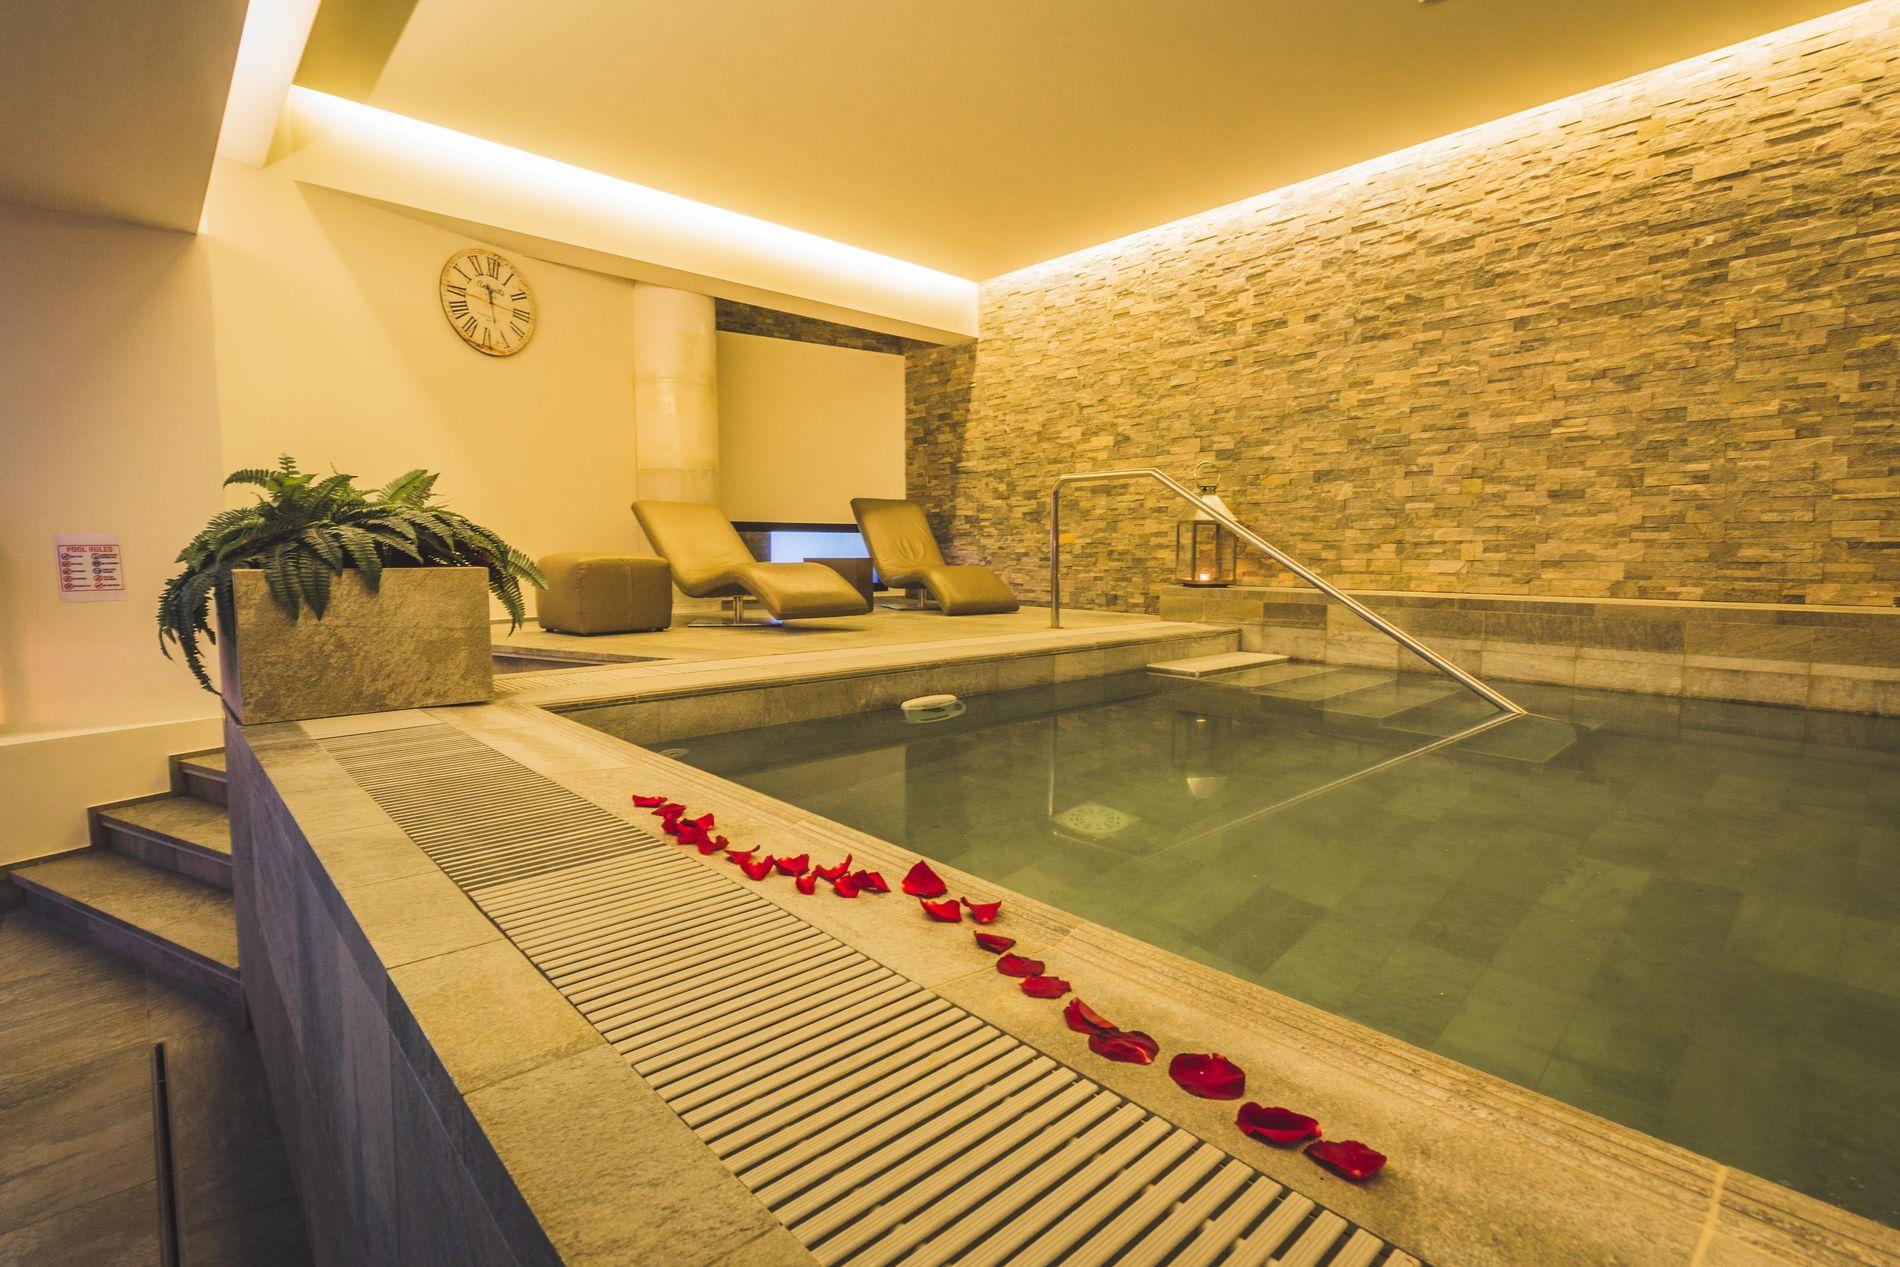 Centro benessere Urbino